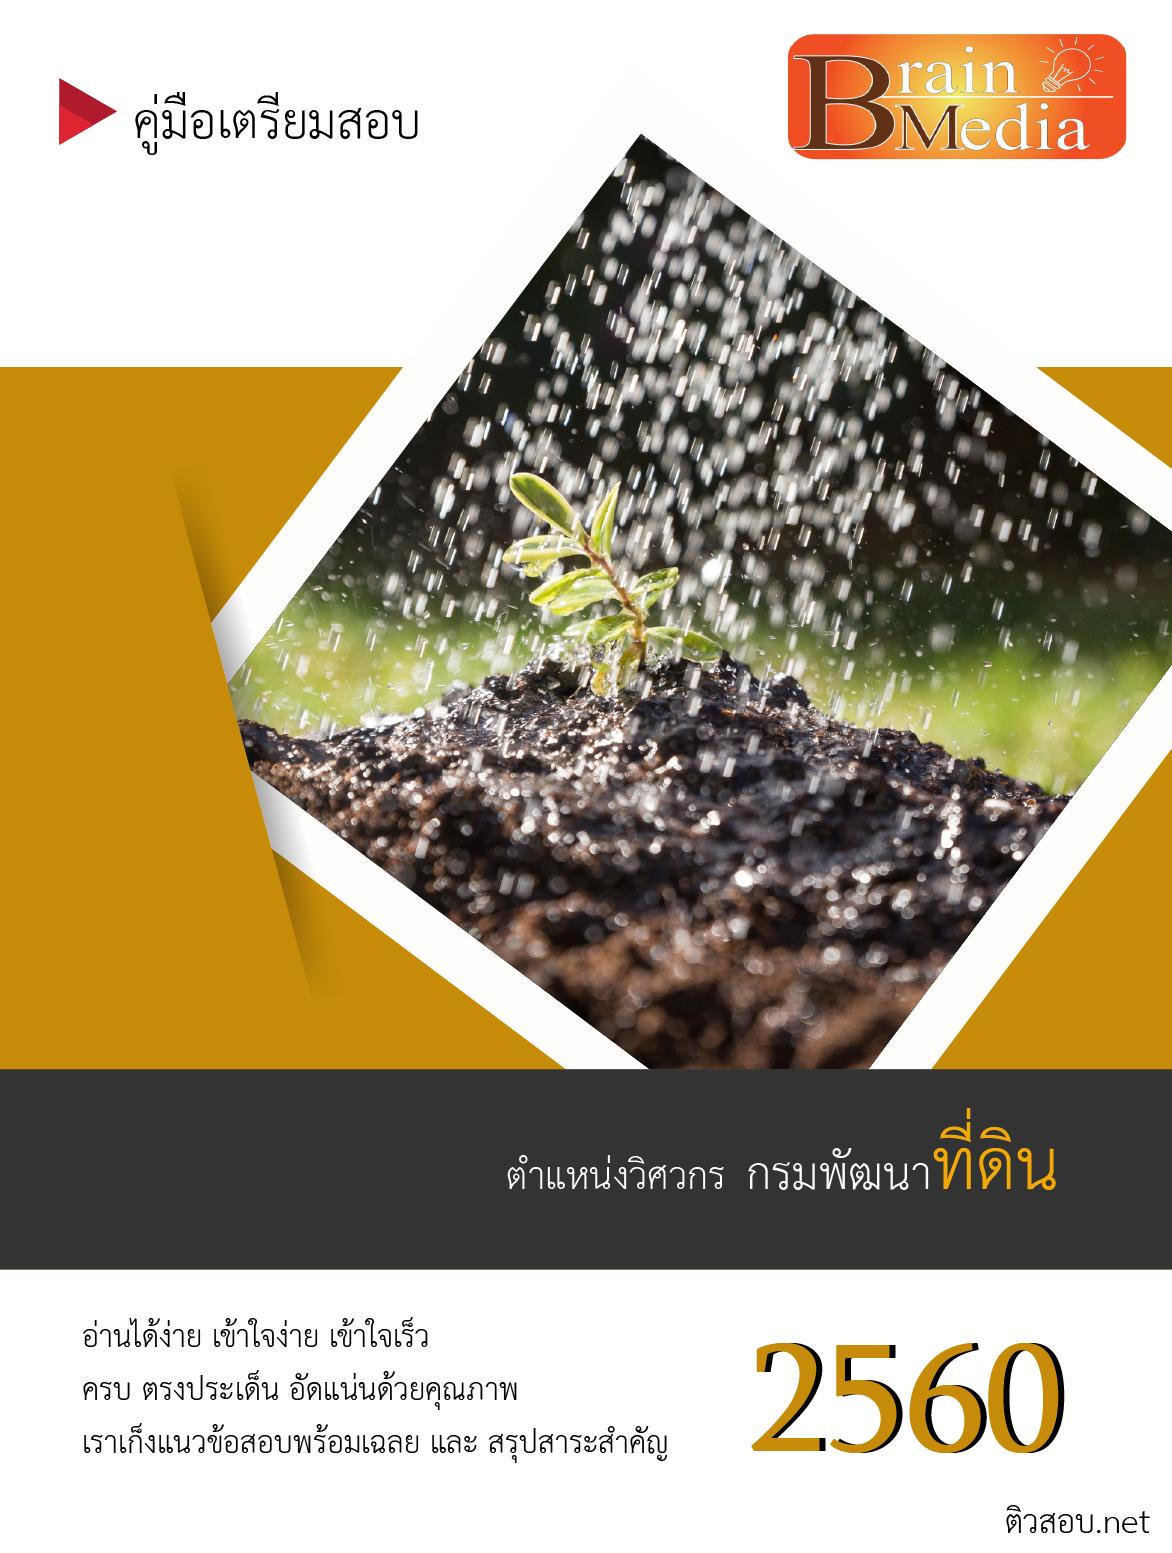 เฉลยแนวข้อสอบ วิศวกร กรมพัฒนาที่ดิน